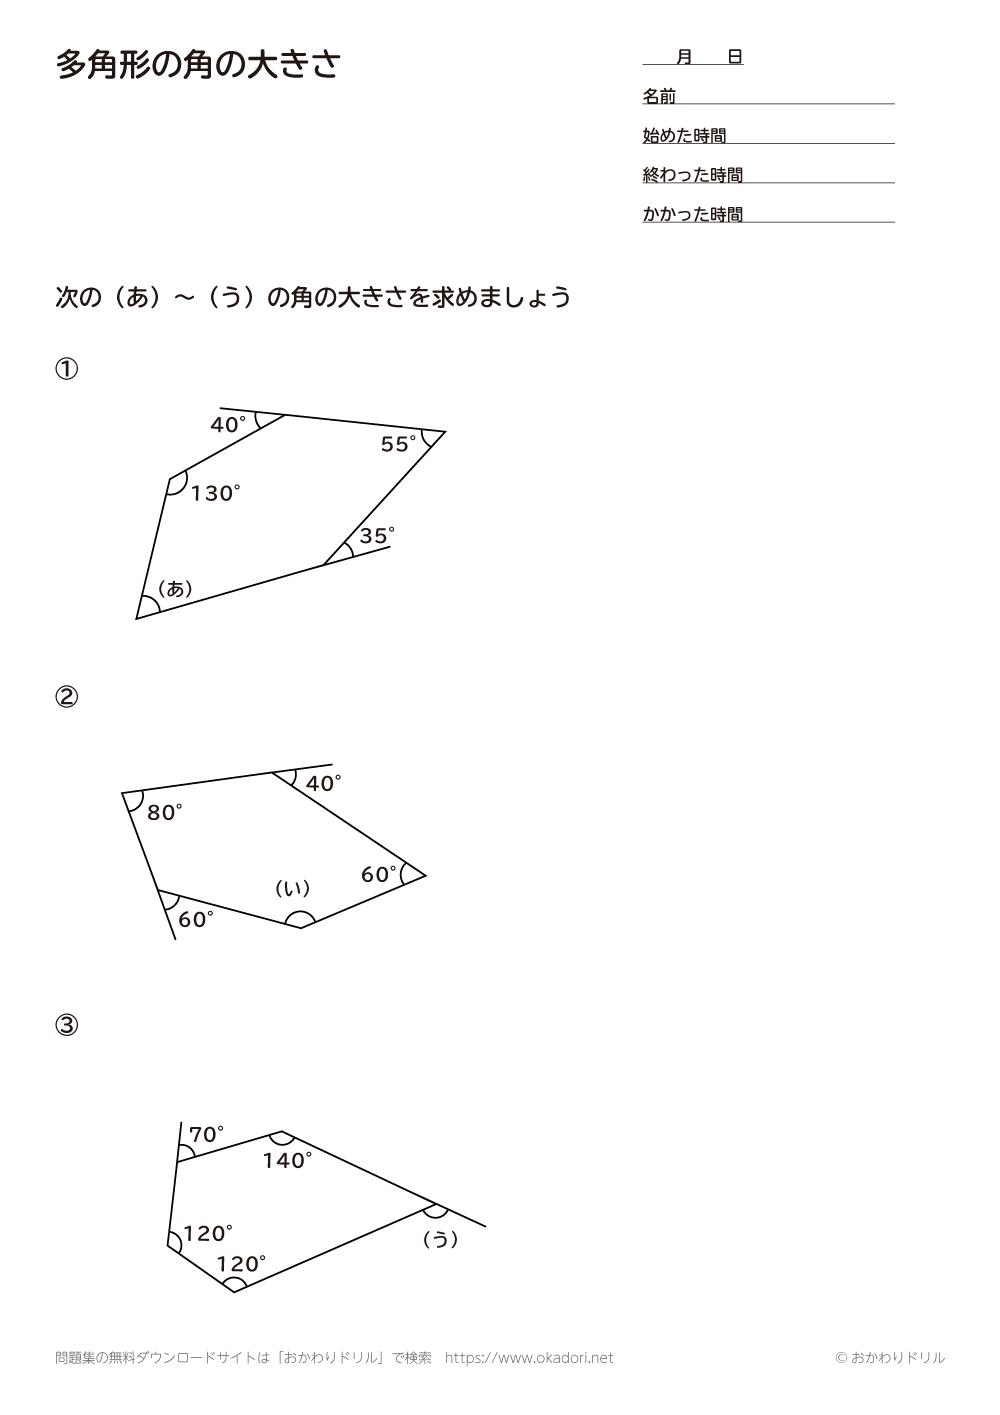 多角形の角の大きさ4